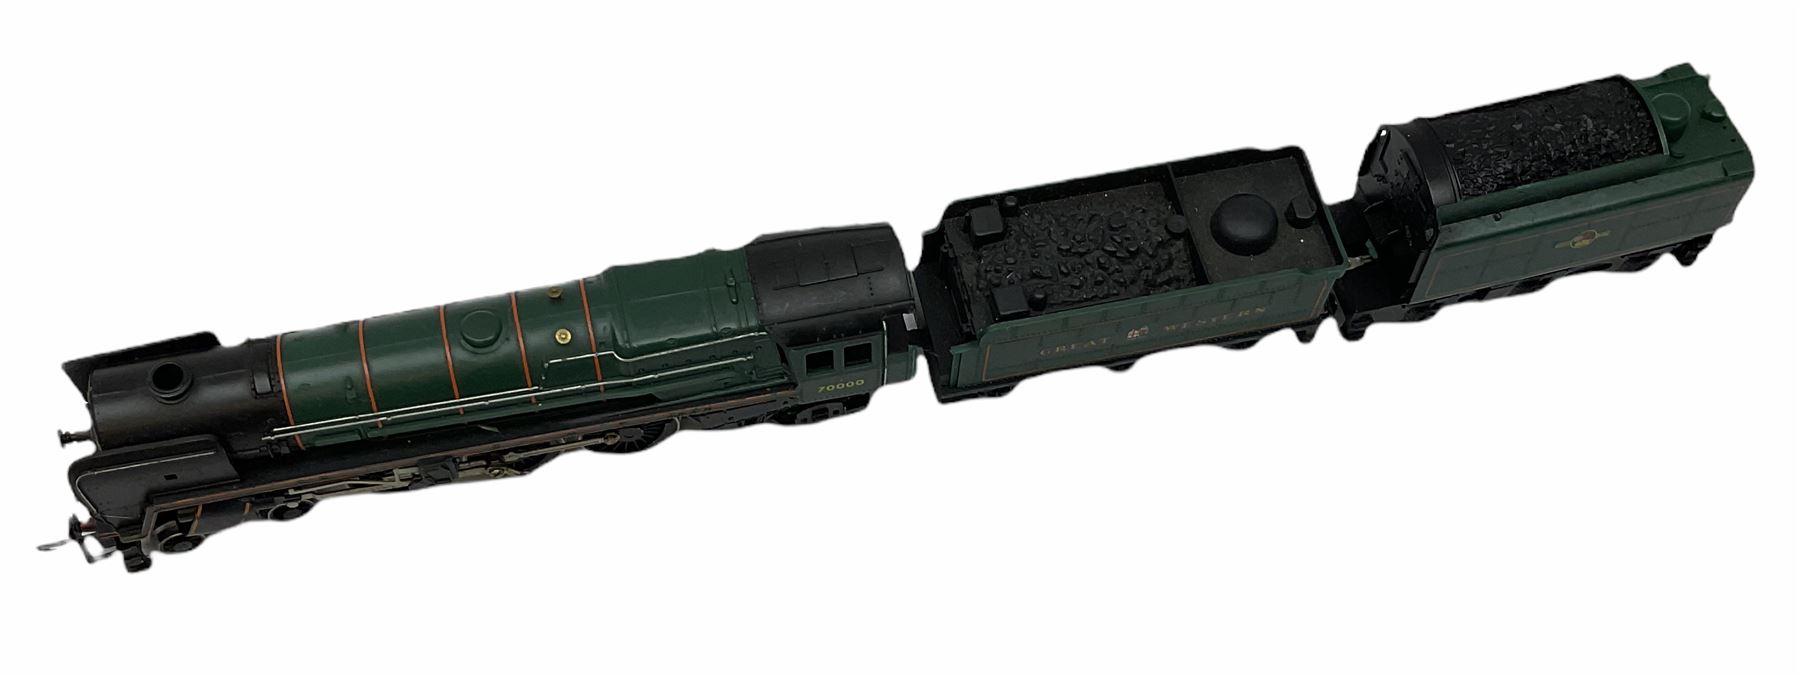 Hornby '00' gauge - Class A4 4-6-2 locomotive 'Mallard' No.60022; Class A1/A3 4-6-2 locomotive 'Flyi - Image 6 of 11